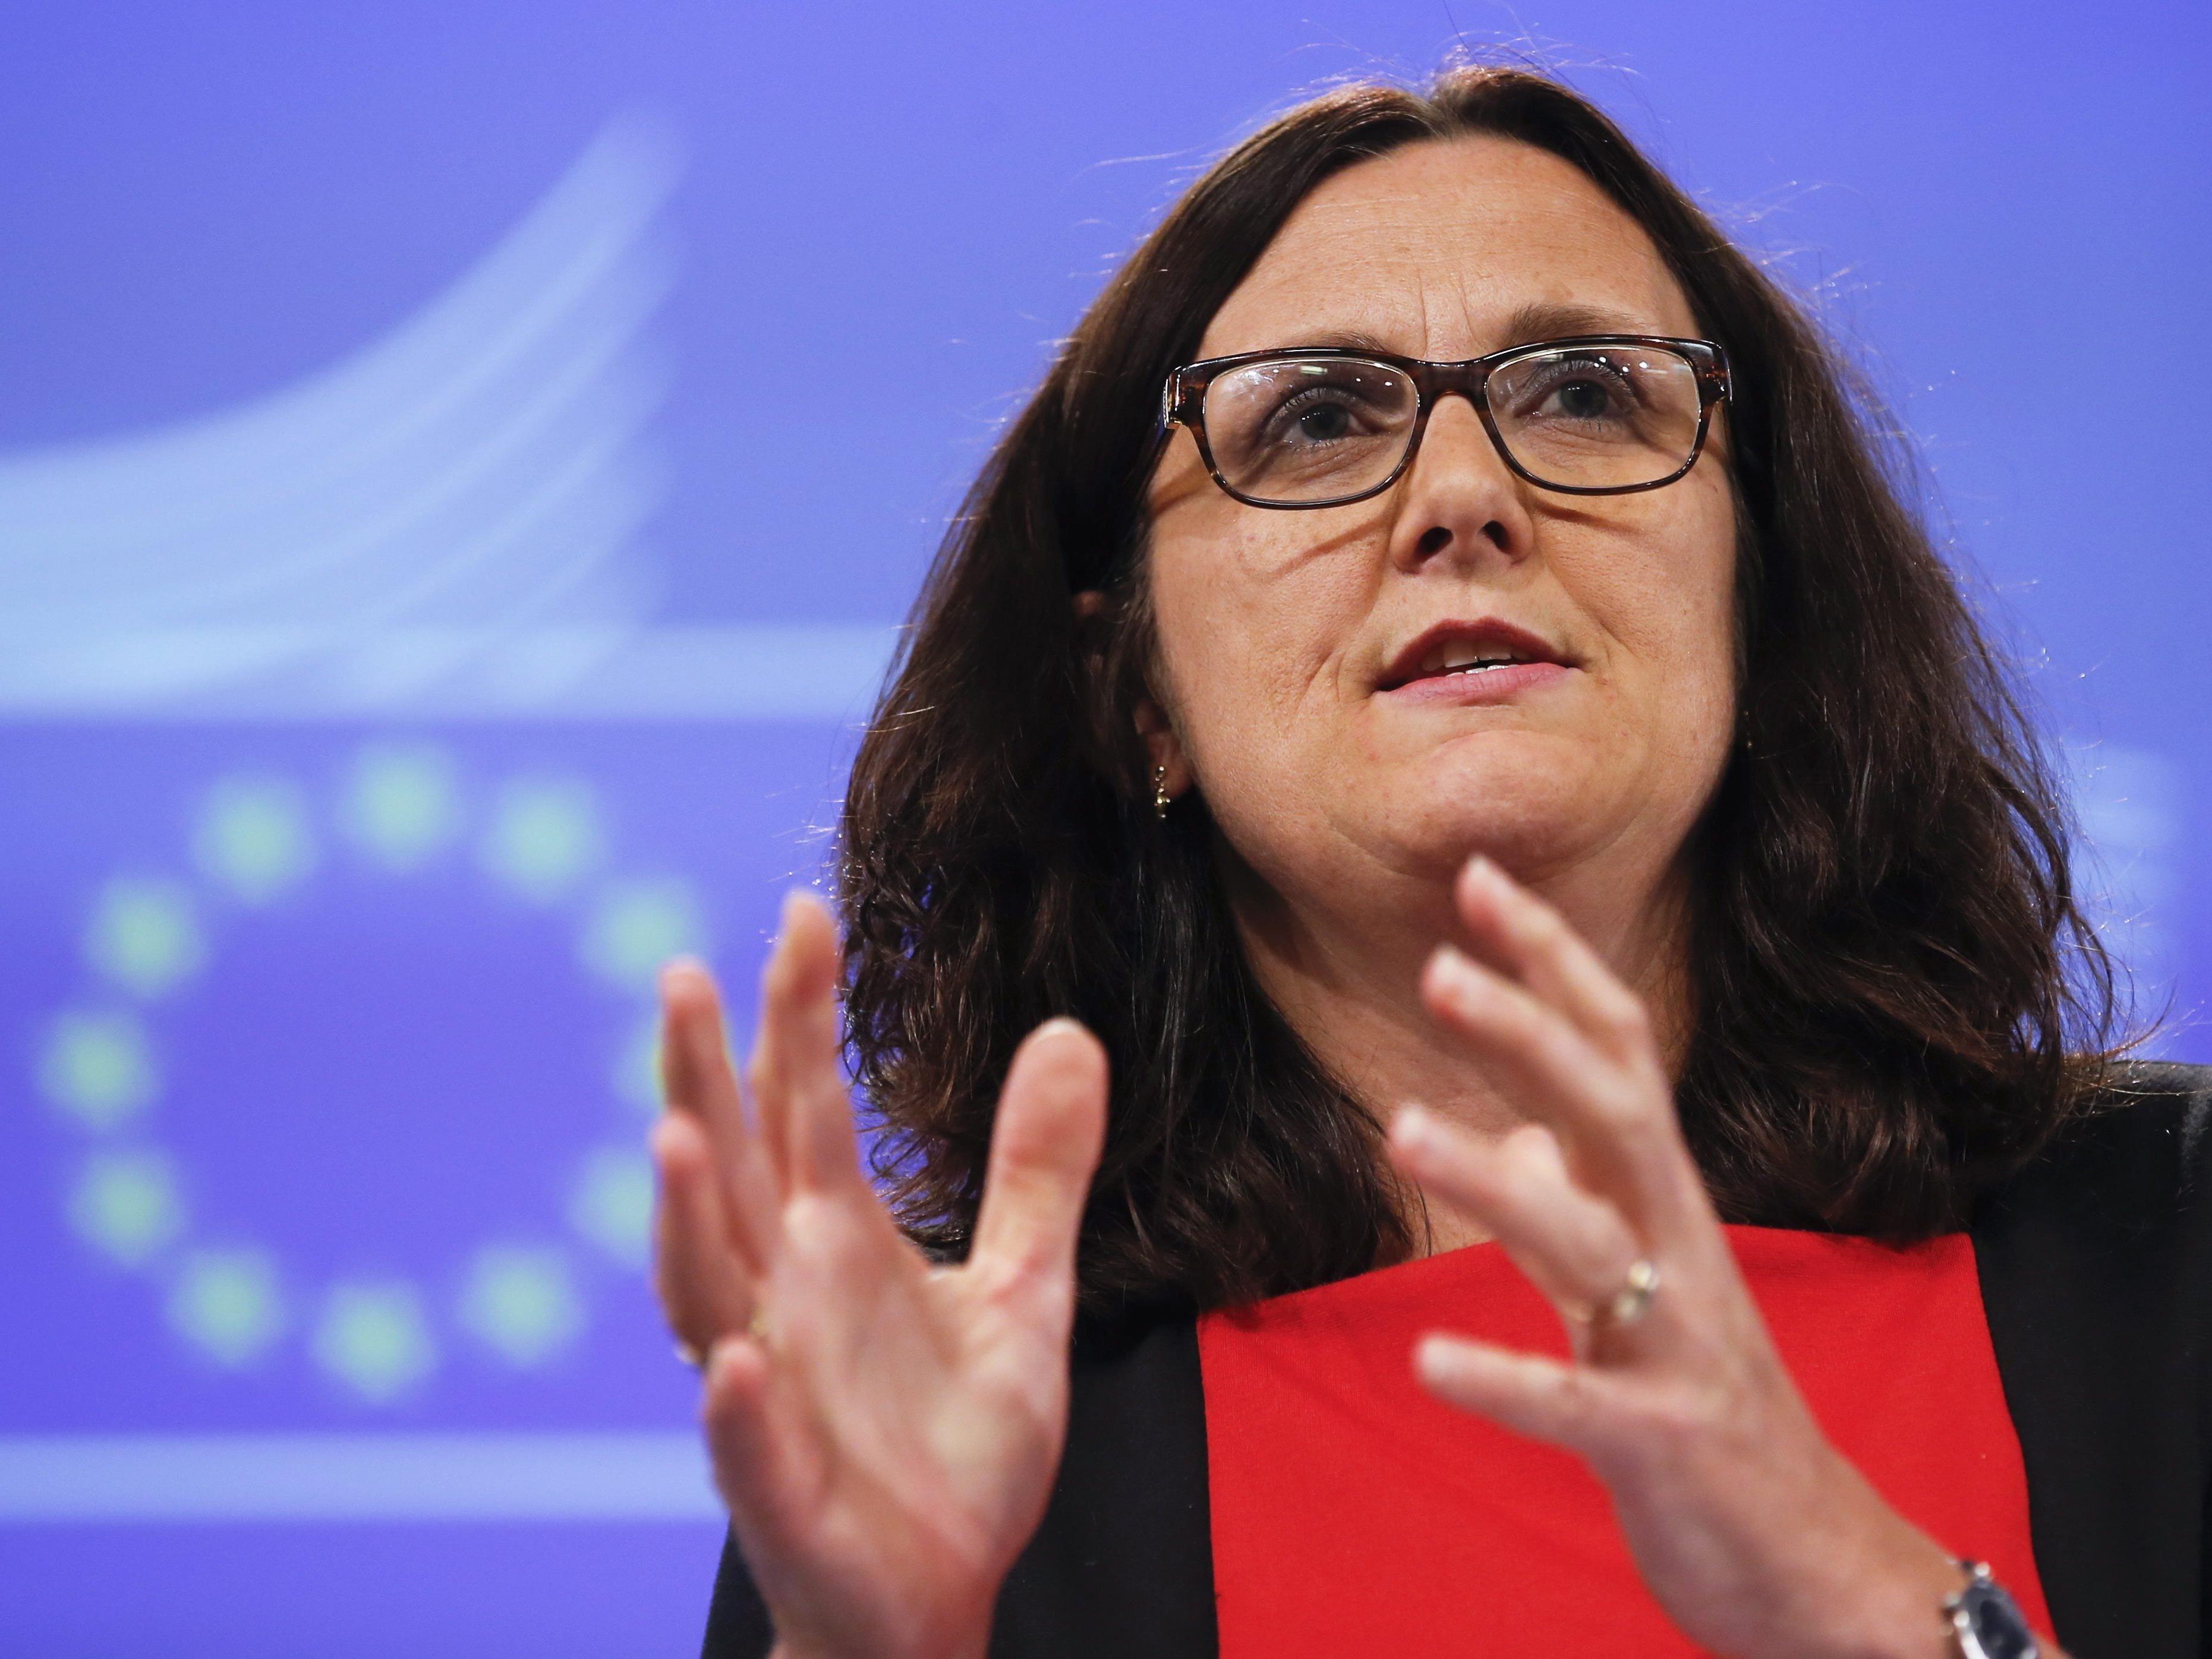 EU-Handelskommissarin Cecilia Malmstrom machte einen neuen Vorschlag in den TTIP-Verhandlungen mit den USA.